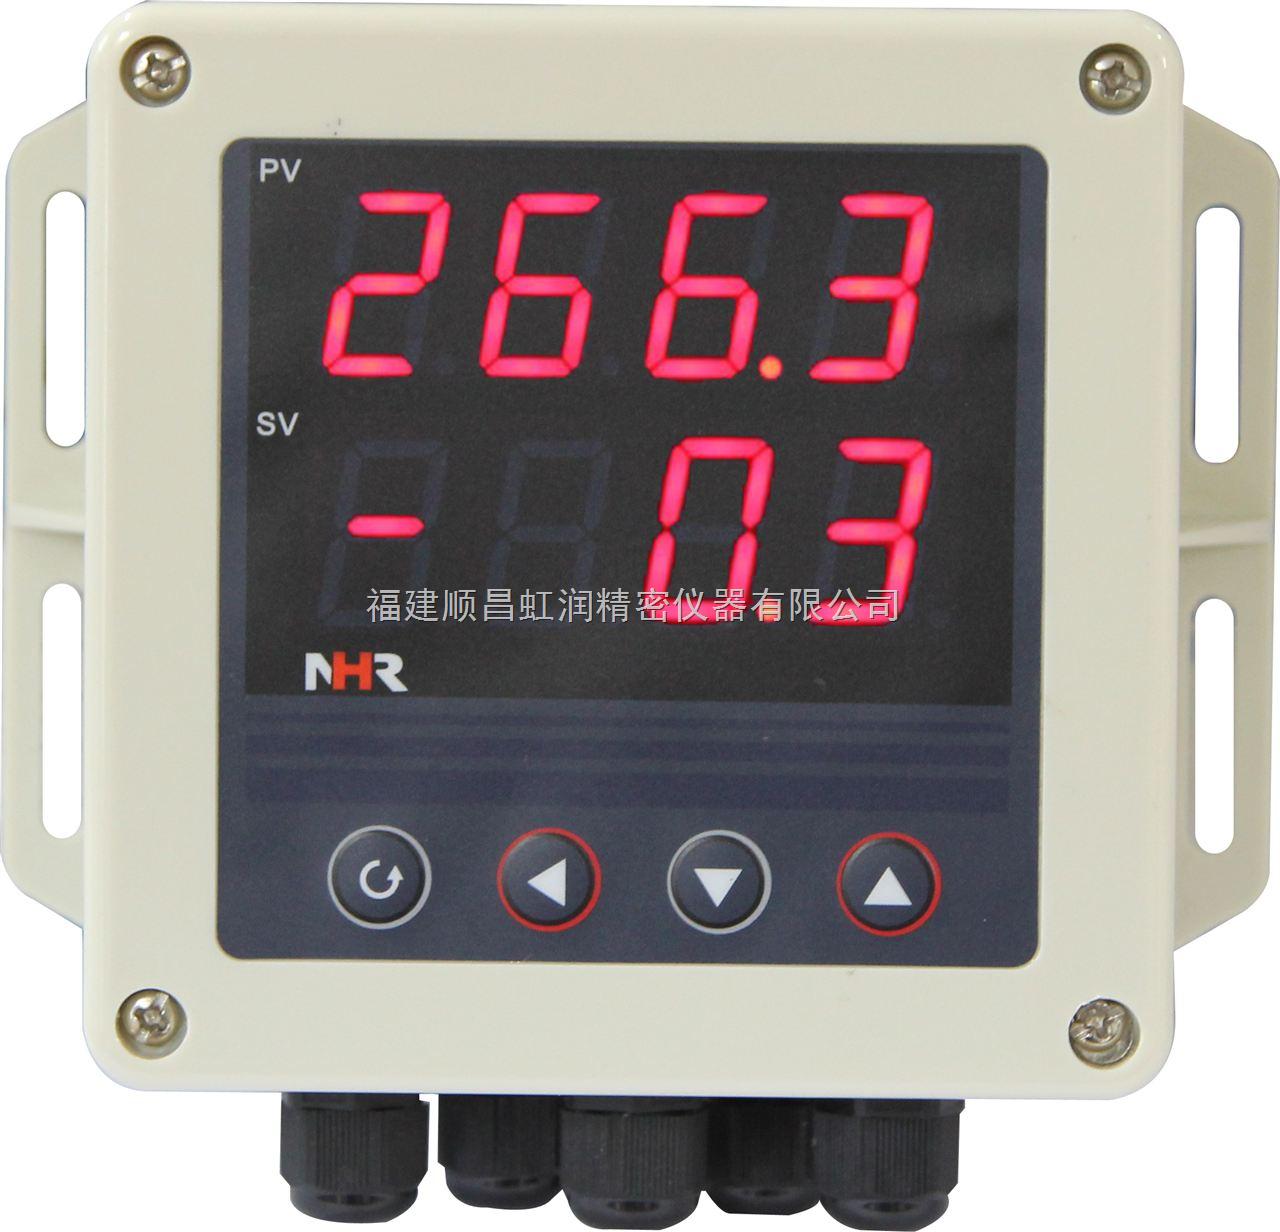 厂家直销NHR-XTRT系列温度远传监测仪